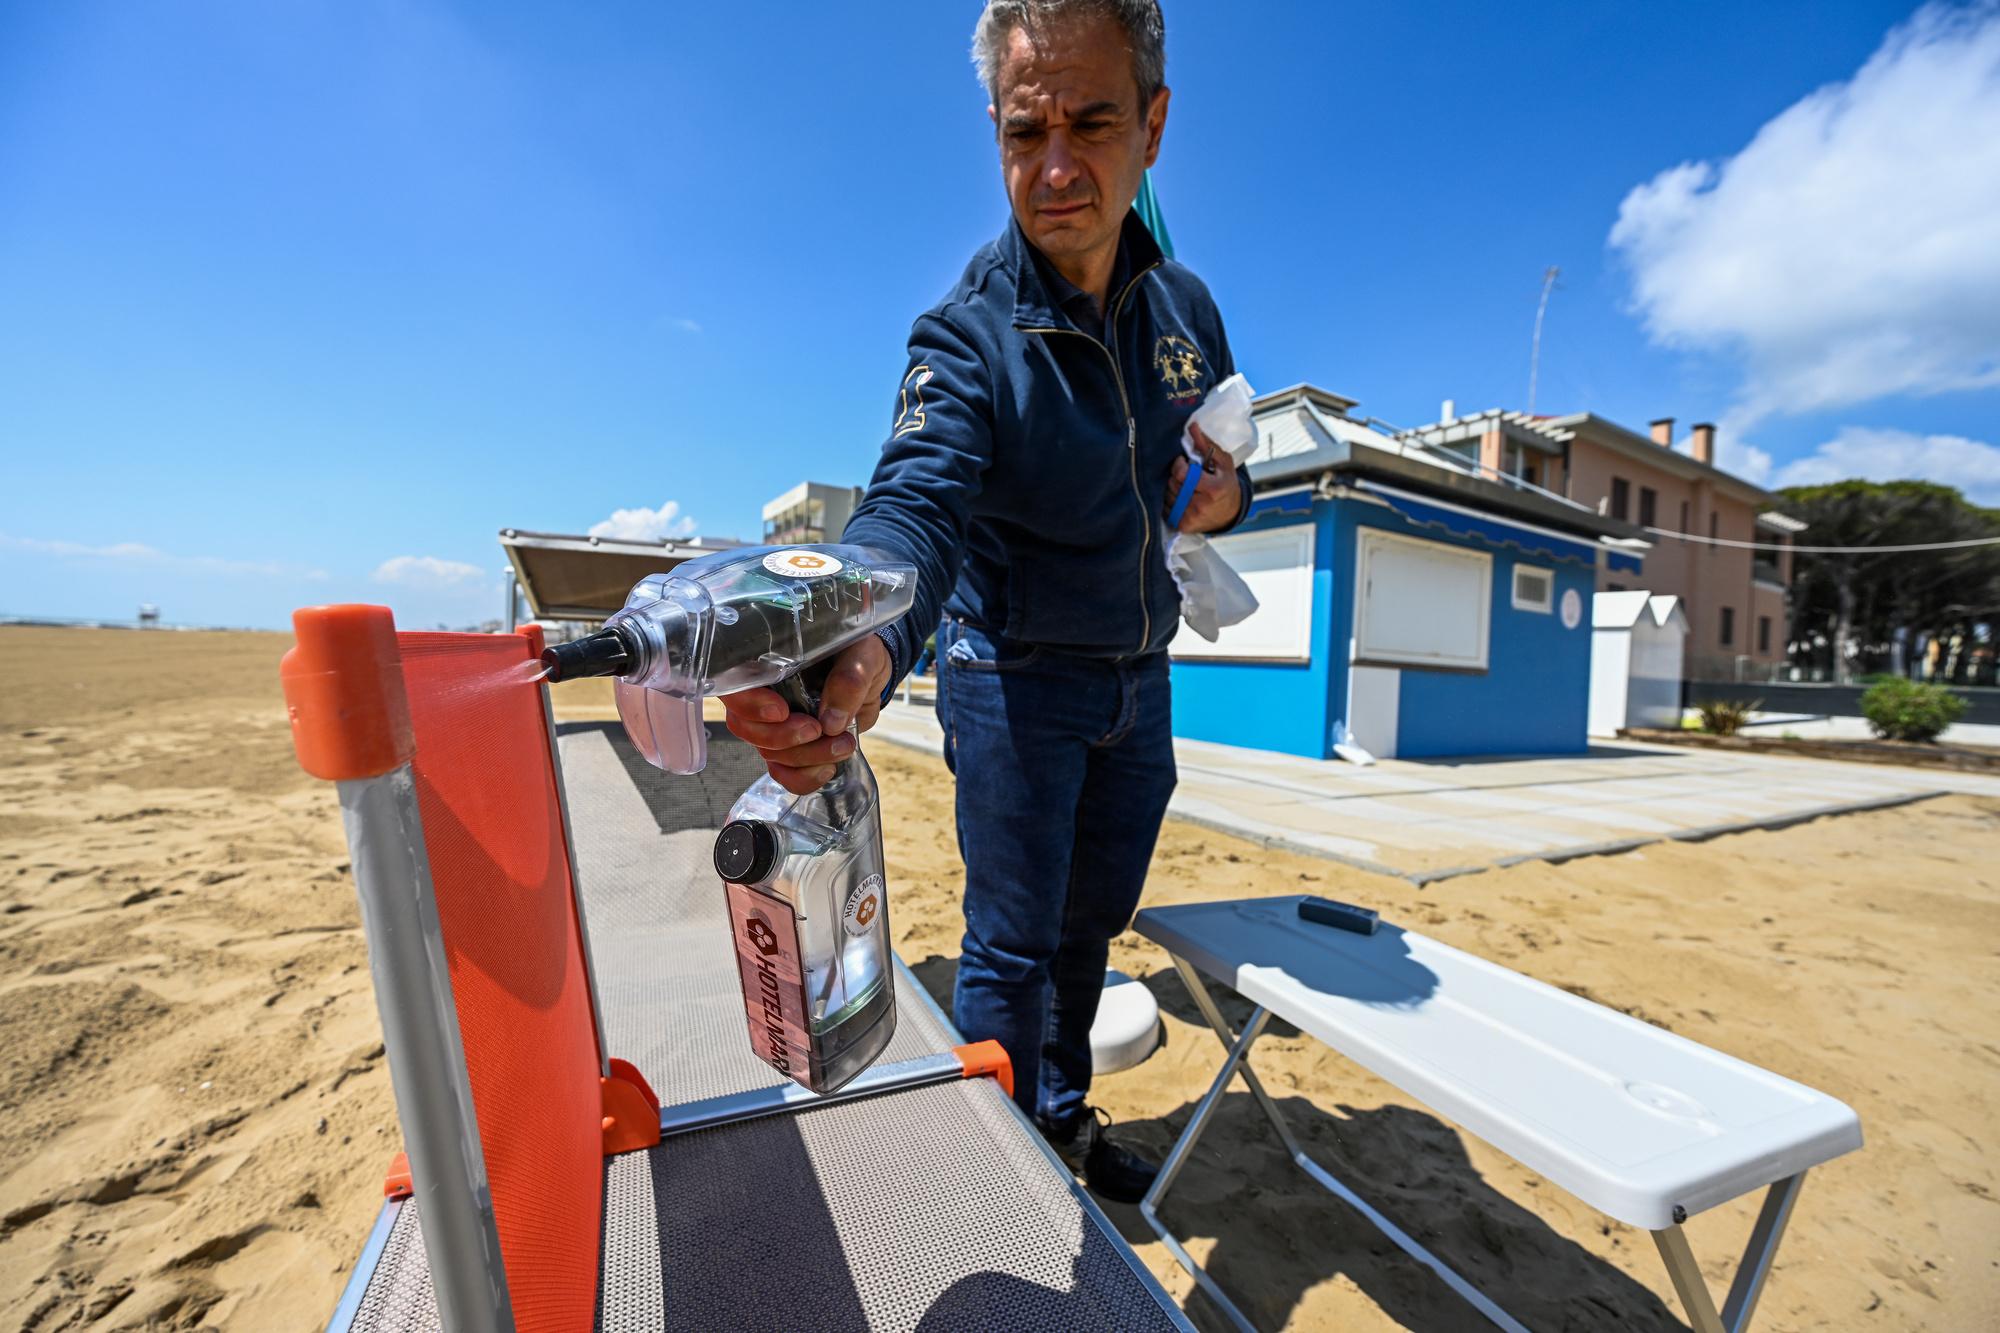 Un homme désinfectant un transat sur une plage privée à Jesolo, près de Venise., belga